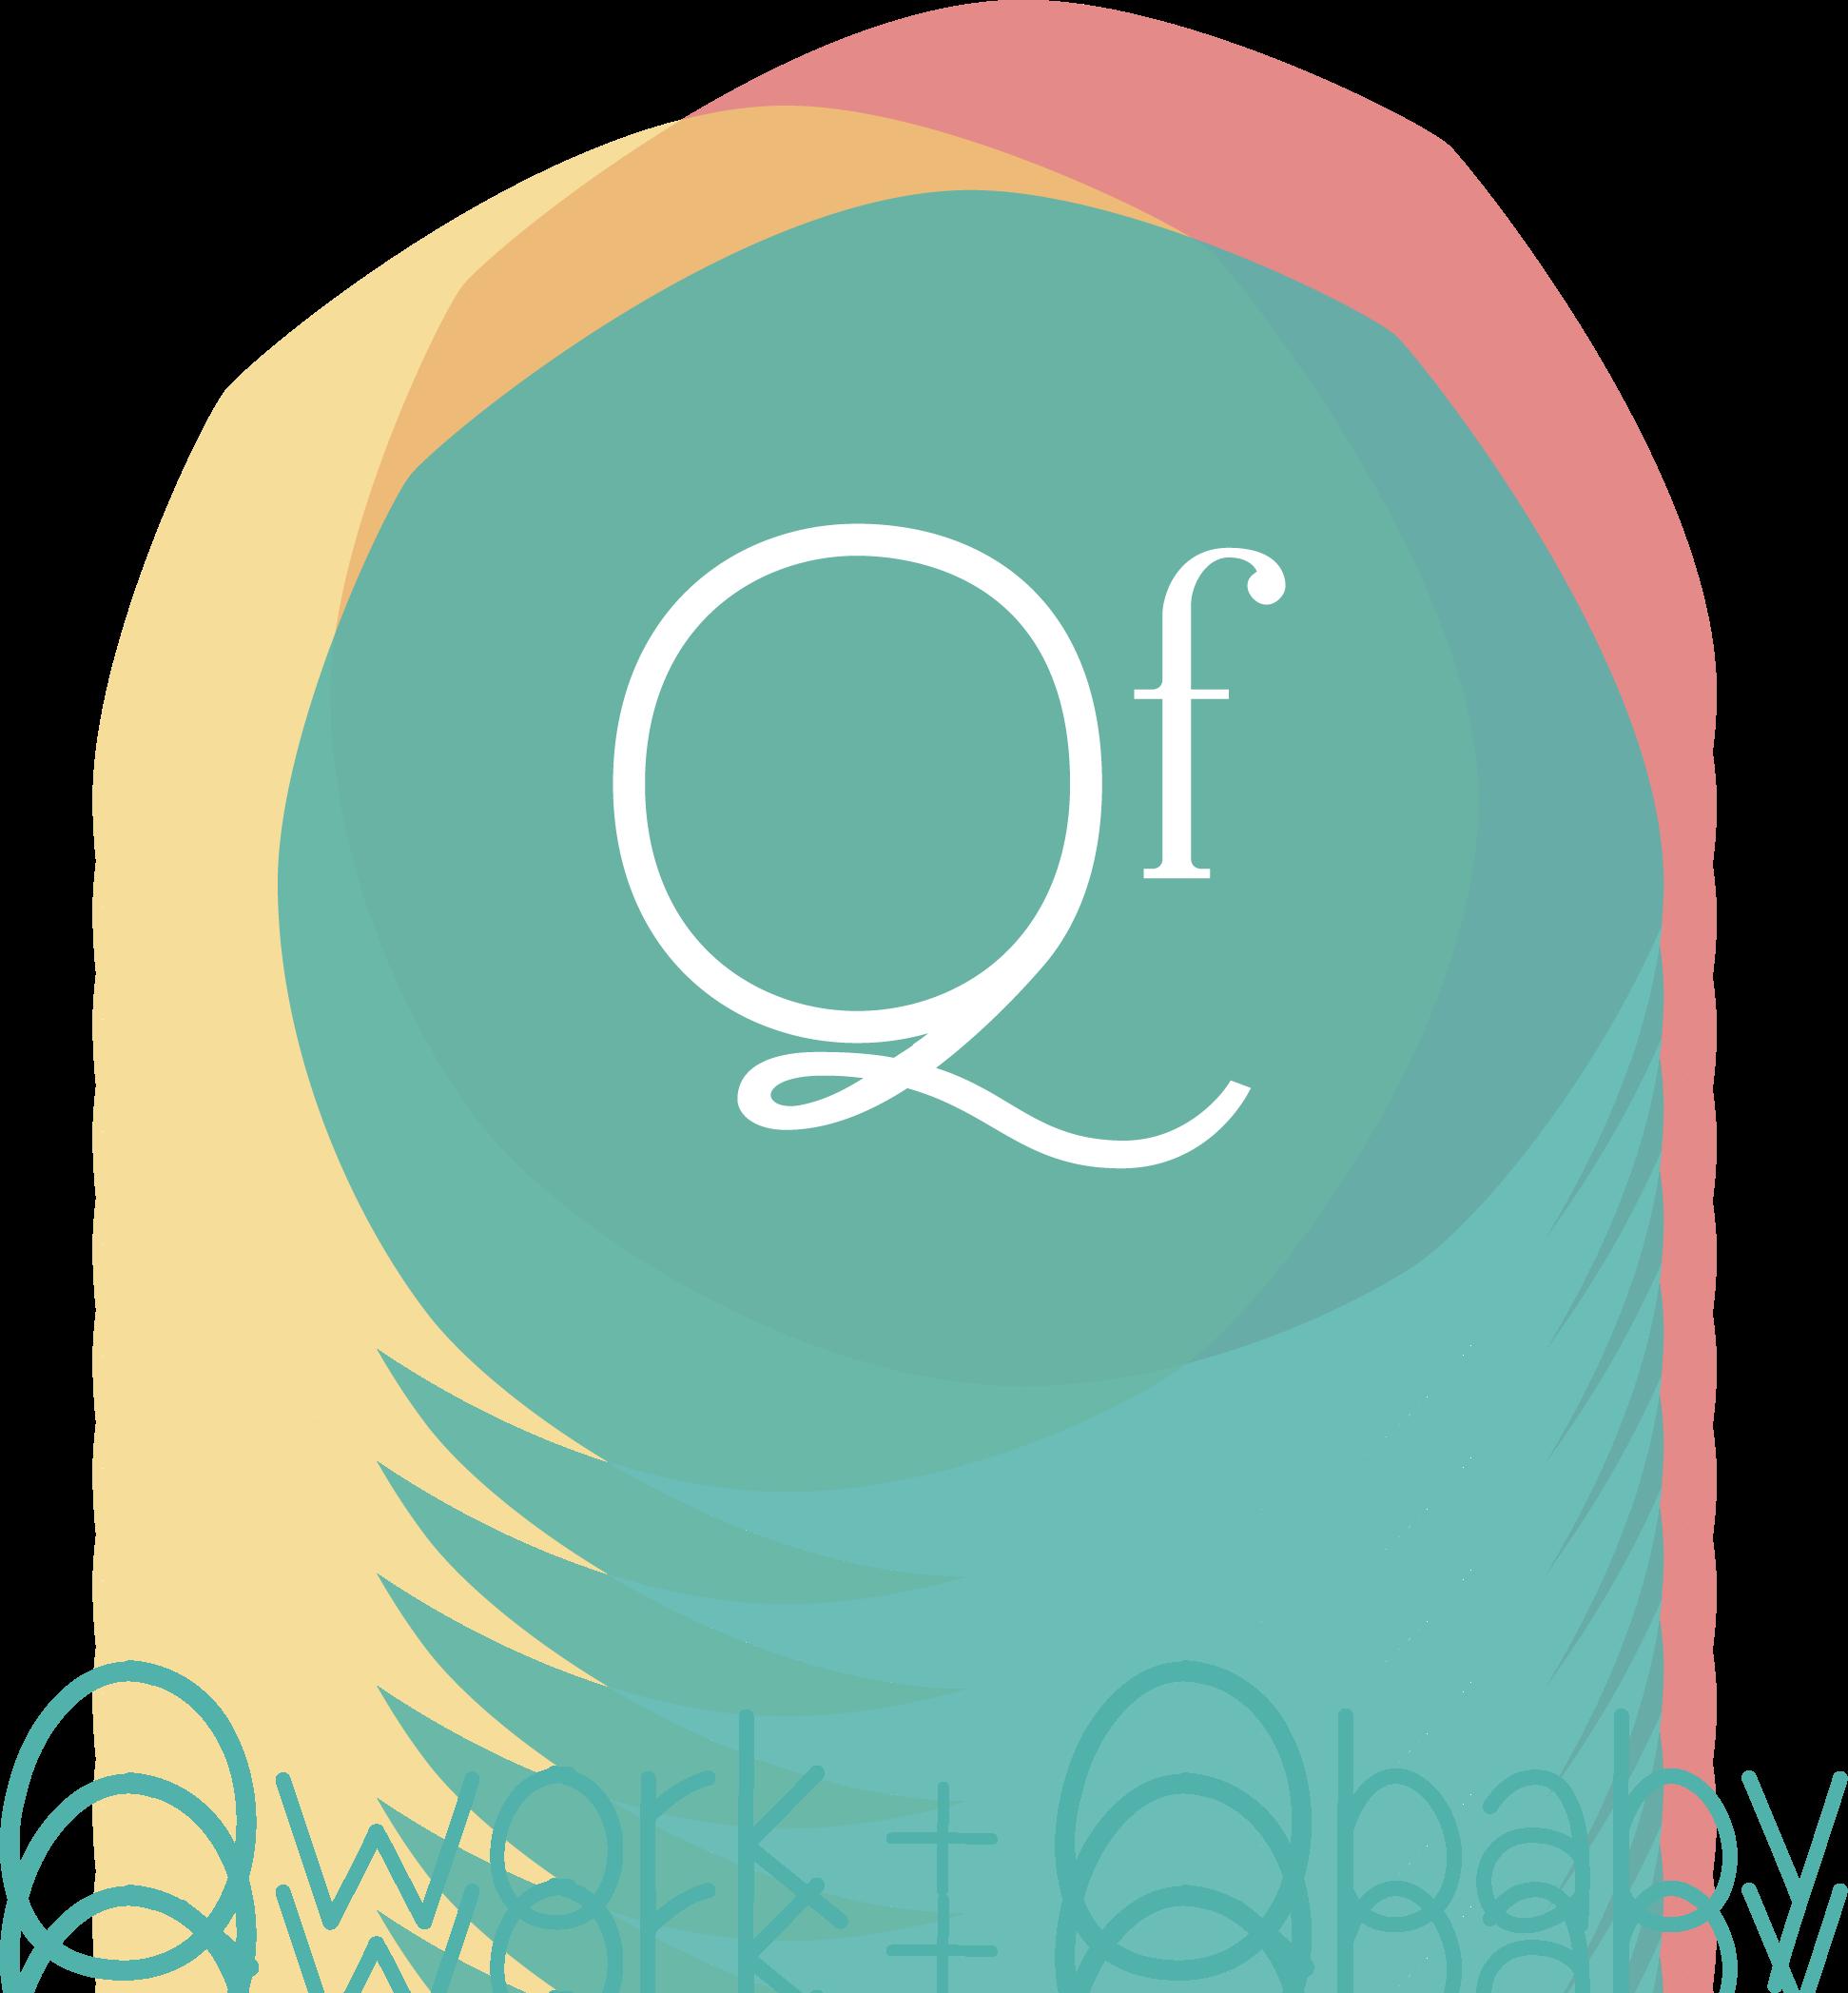 Qf, quoziente famiglia. Coworking con micronido a milano